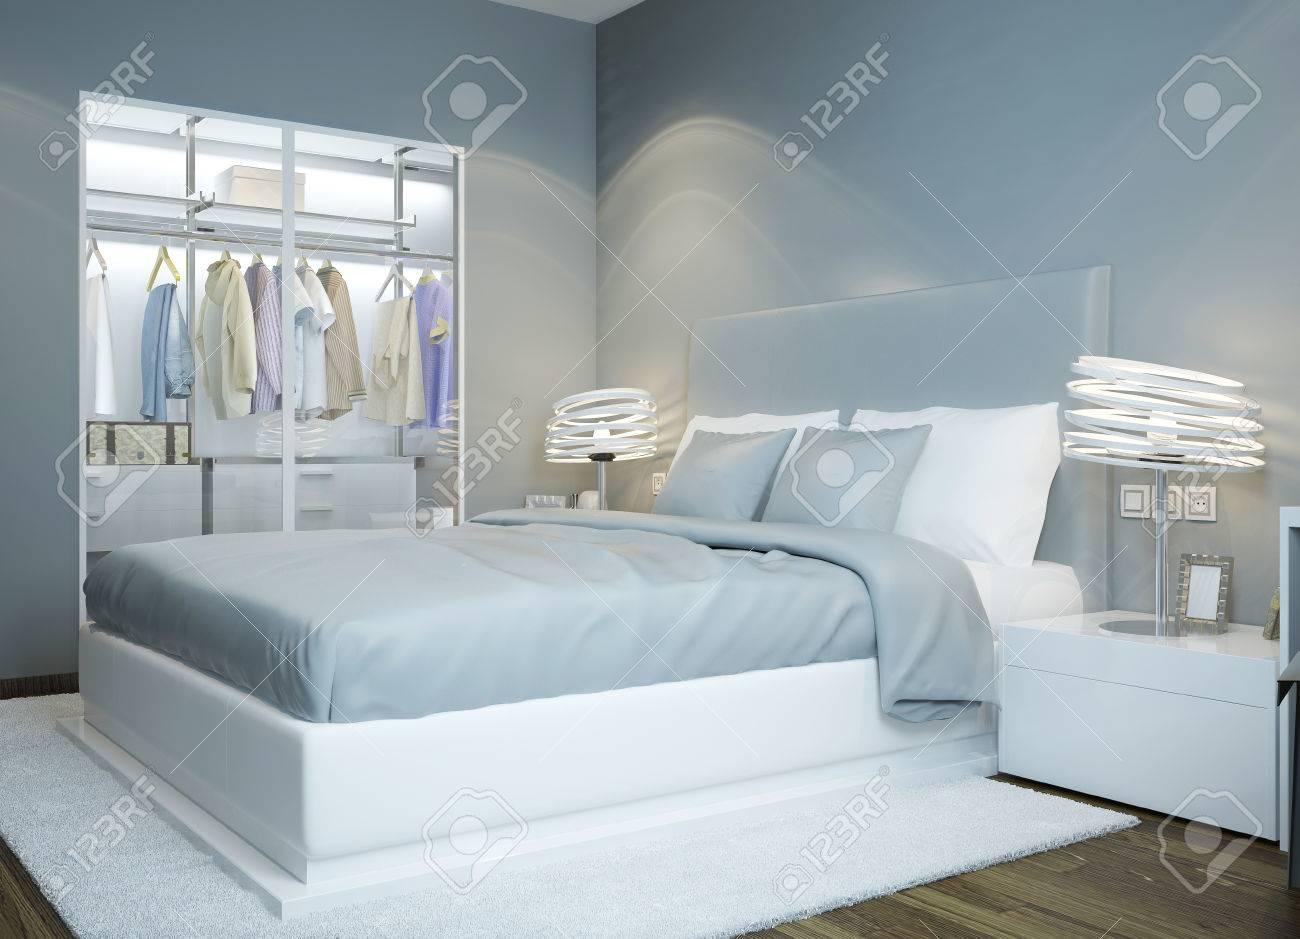 Chambre Design Scandinave. Lumière Chambre De Couleur Bleue, Une ...